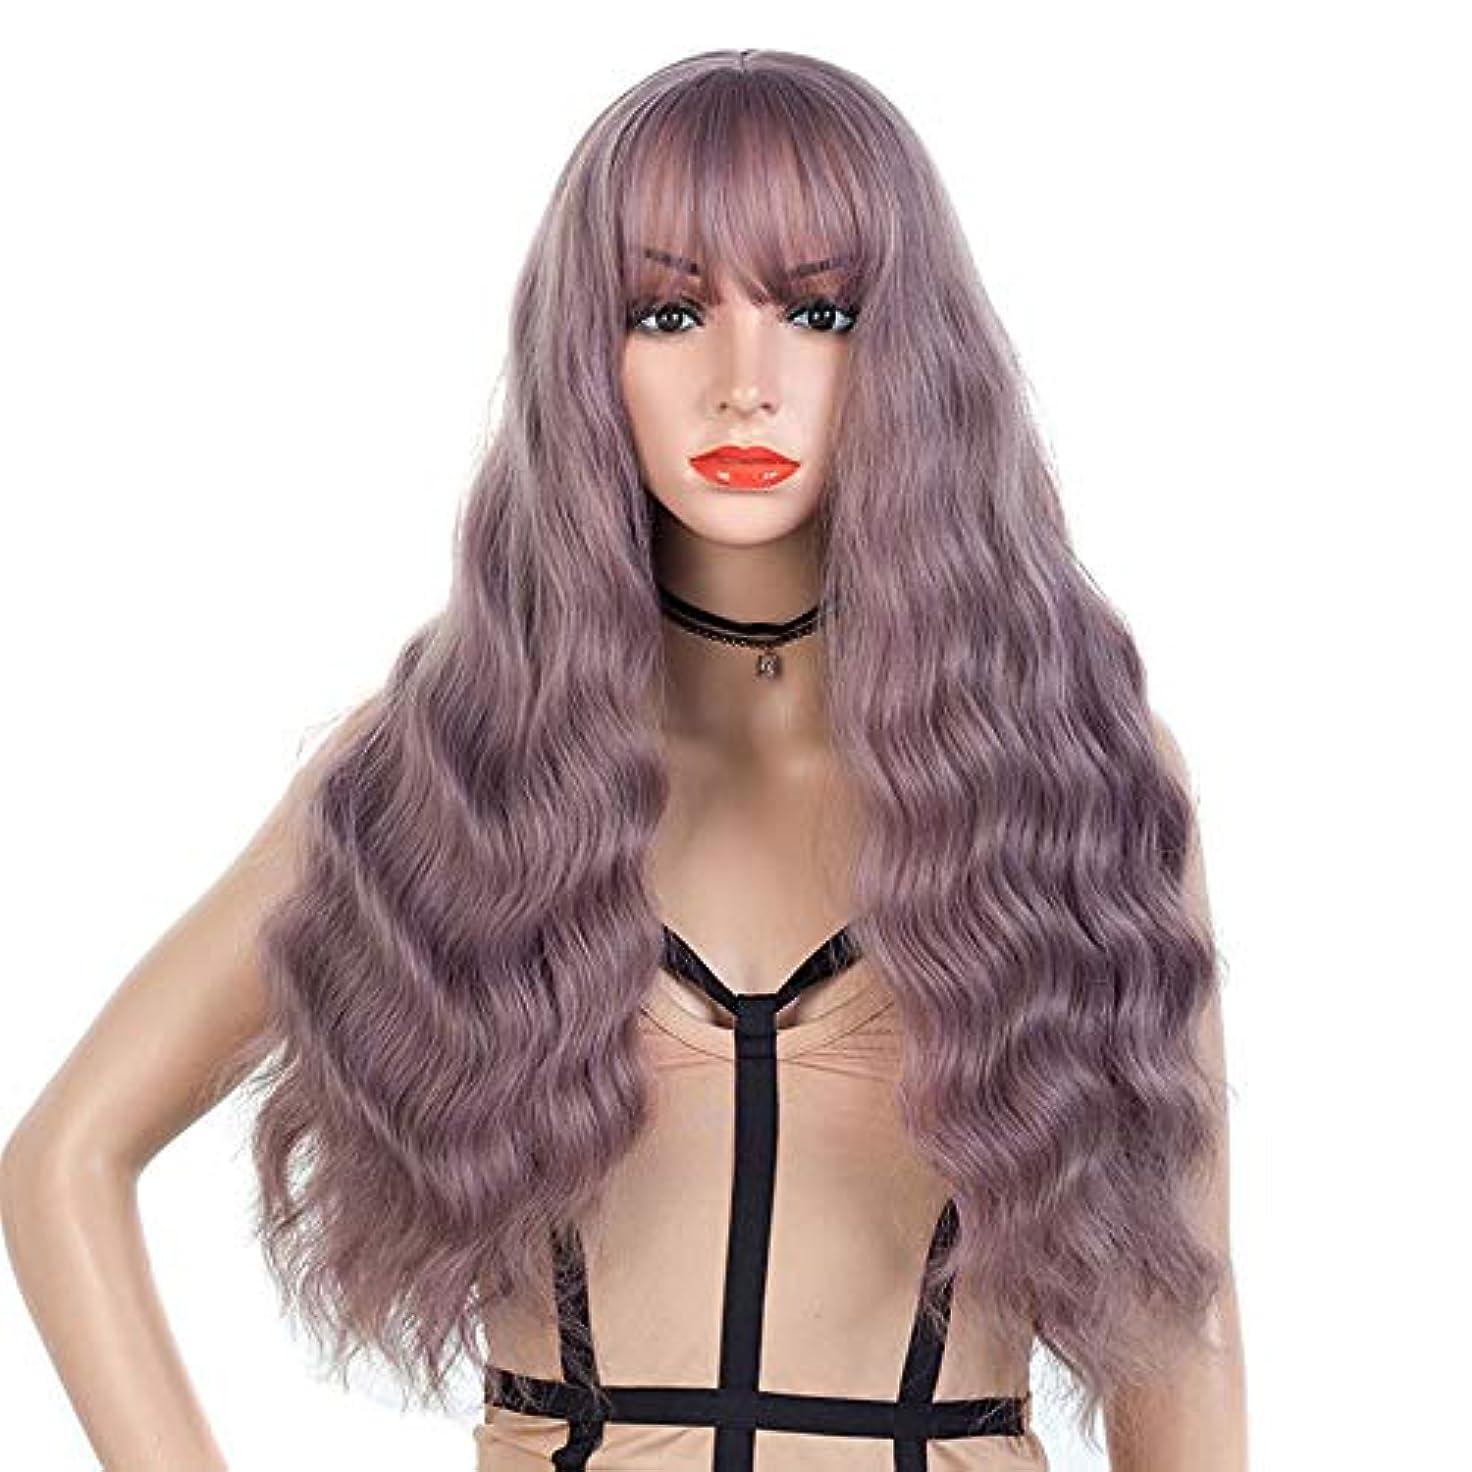 東ピルファーお酒ESTELLEF 31.5 Inche Bangs Glueless Synthetic Party Halloween Wigs- Corn Hot Chemical Fiber Small Wave Pattern...